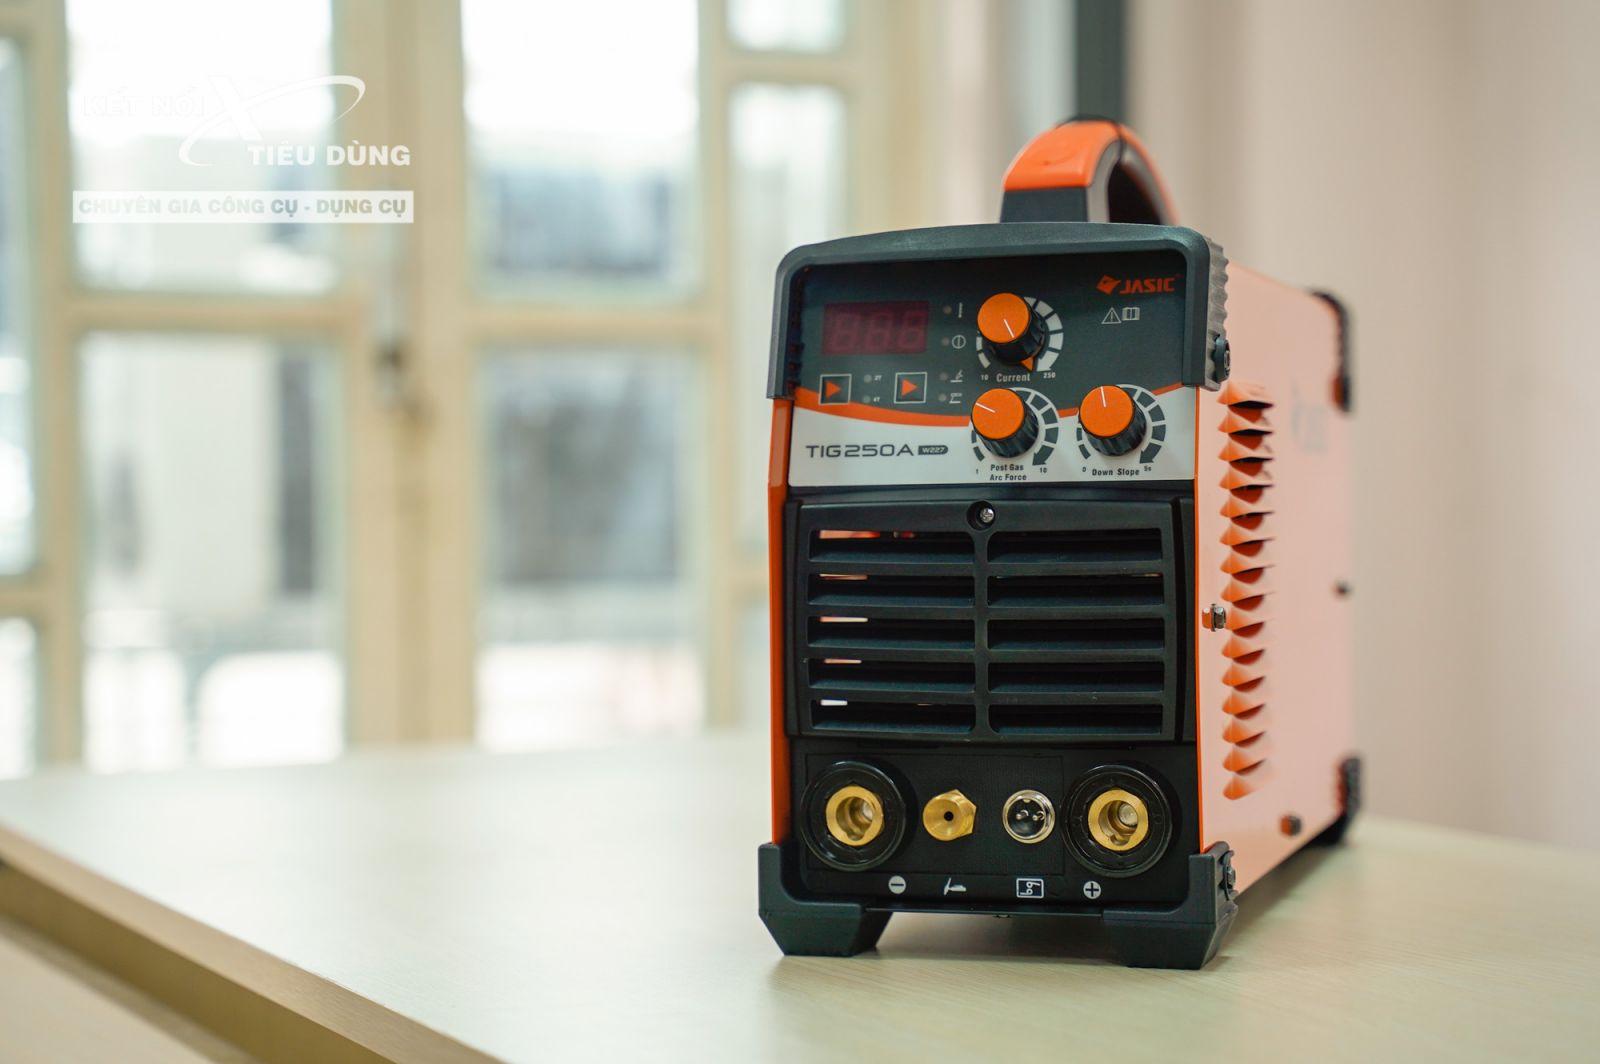 Hàn Tig là gì? Sử dụng máy hàn Tig trong trường hợp nào? - máy hàn Tig Jasic TiG 250A W227 chính hãng